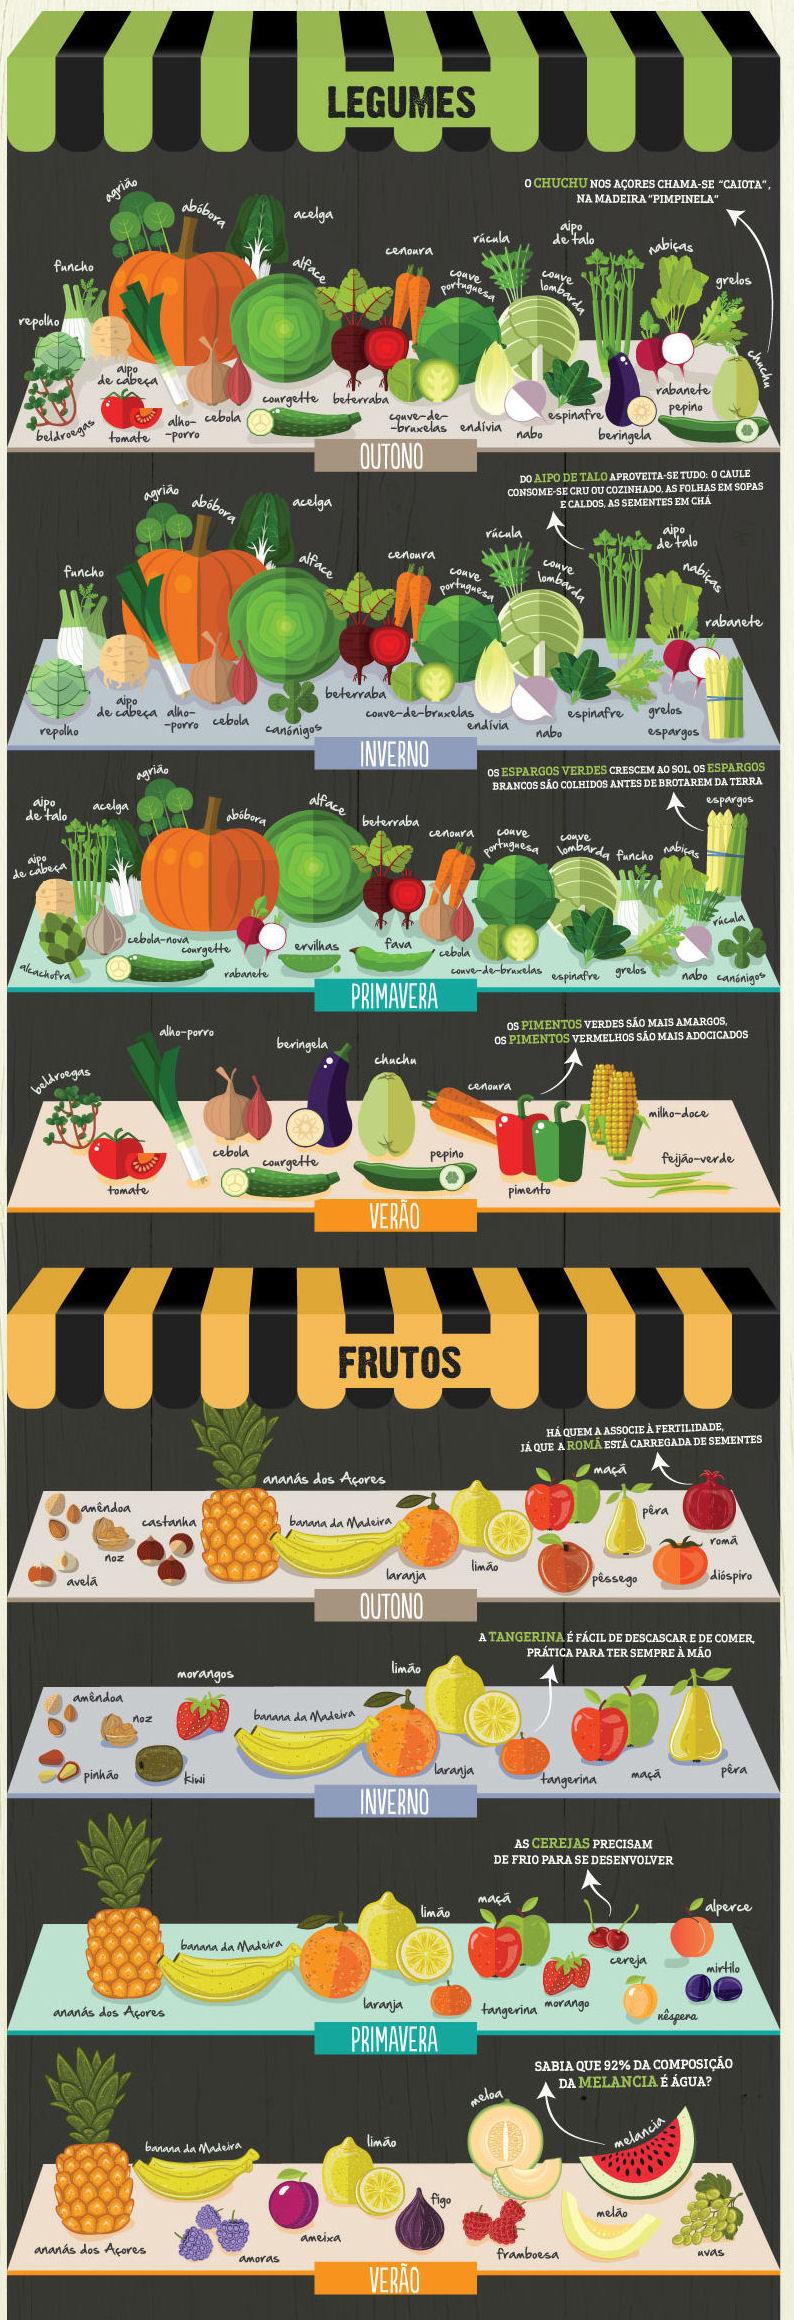 Frutas e Legumes da Época